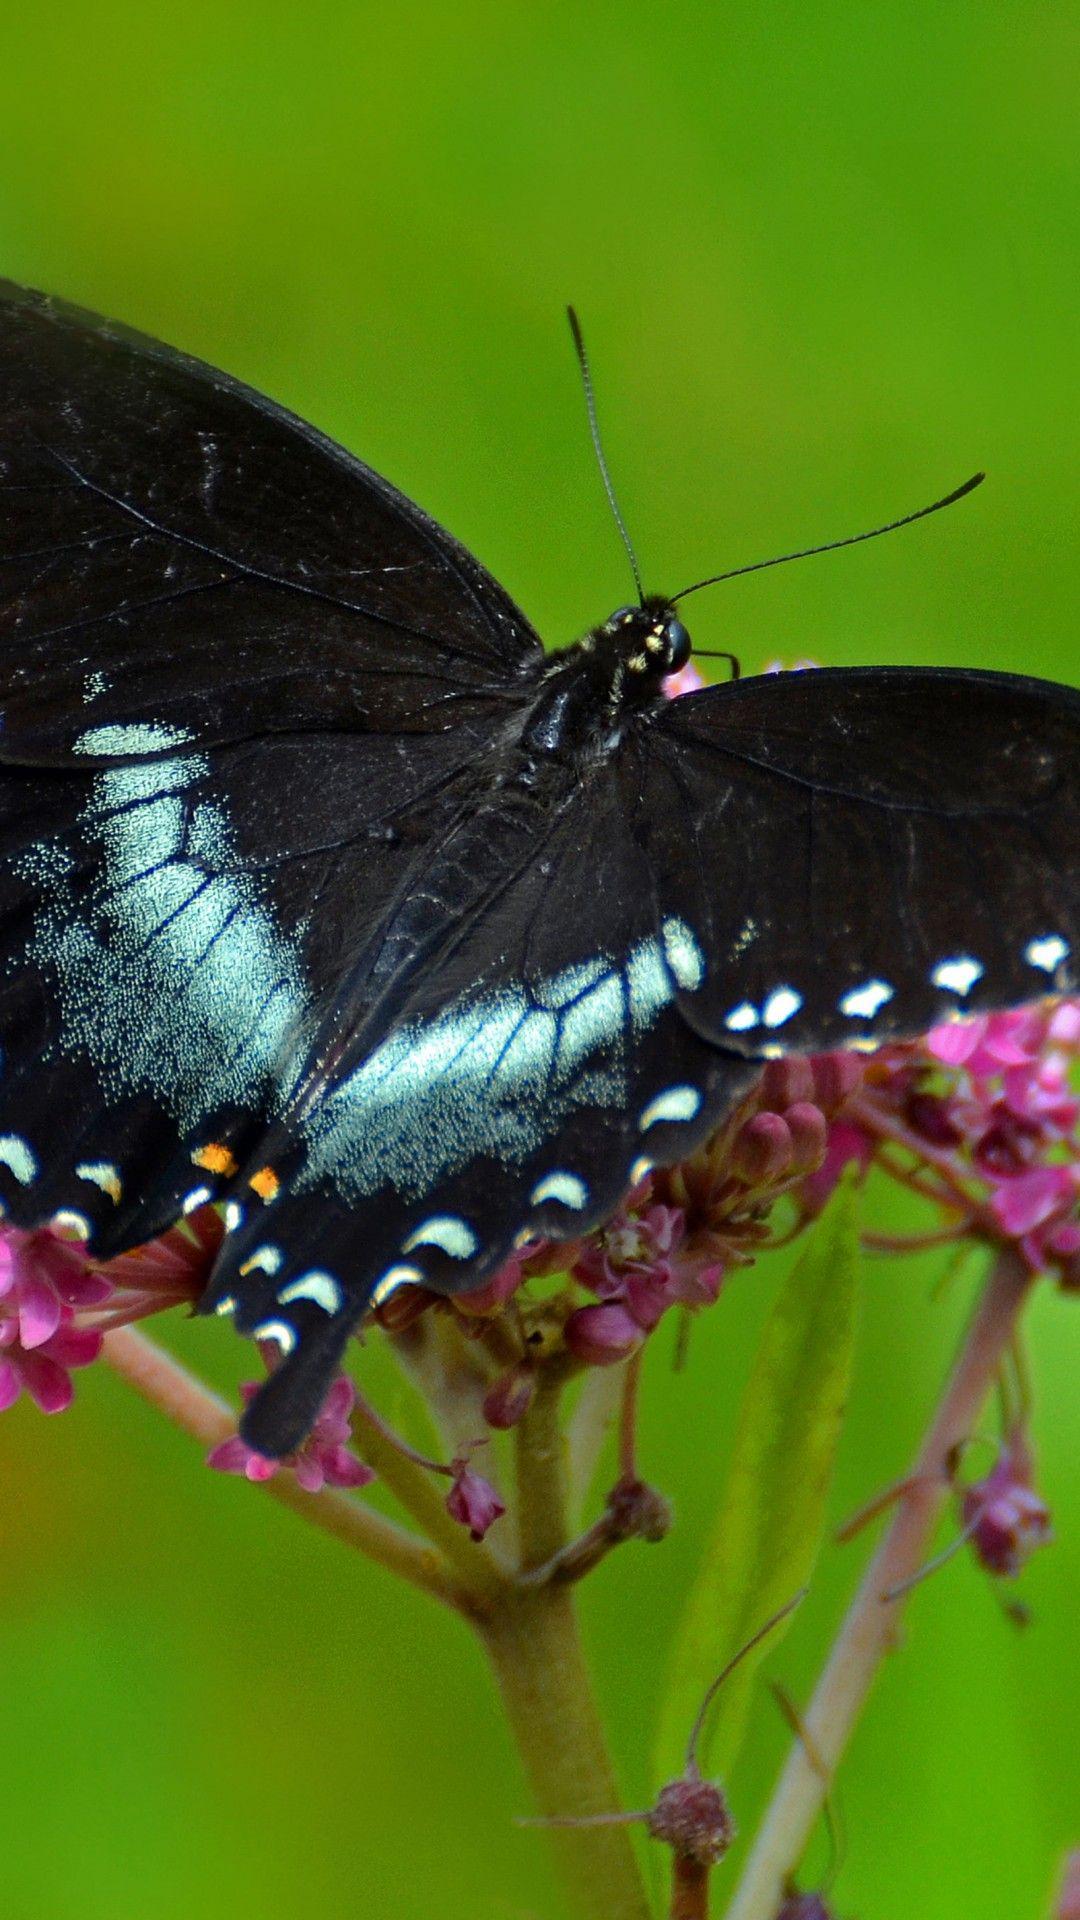 Hình nền tải xuống 1080x1920 1080x1920 Con bướm hồng trong mơ, Con bướm hồng